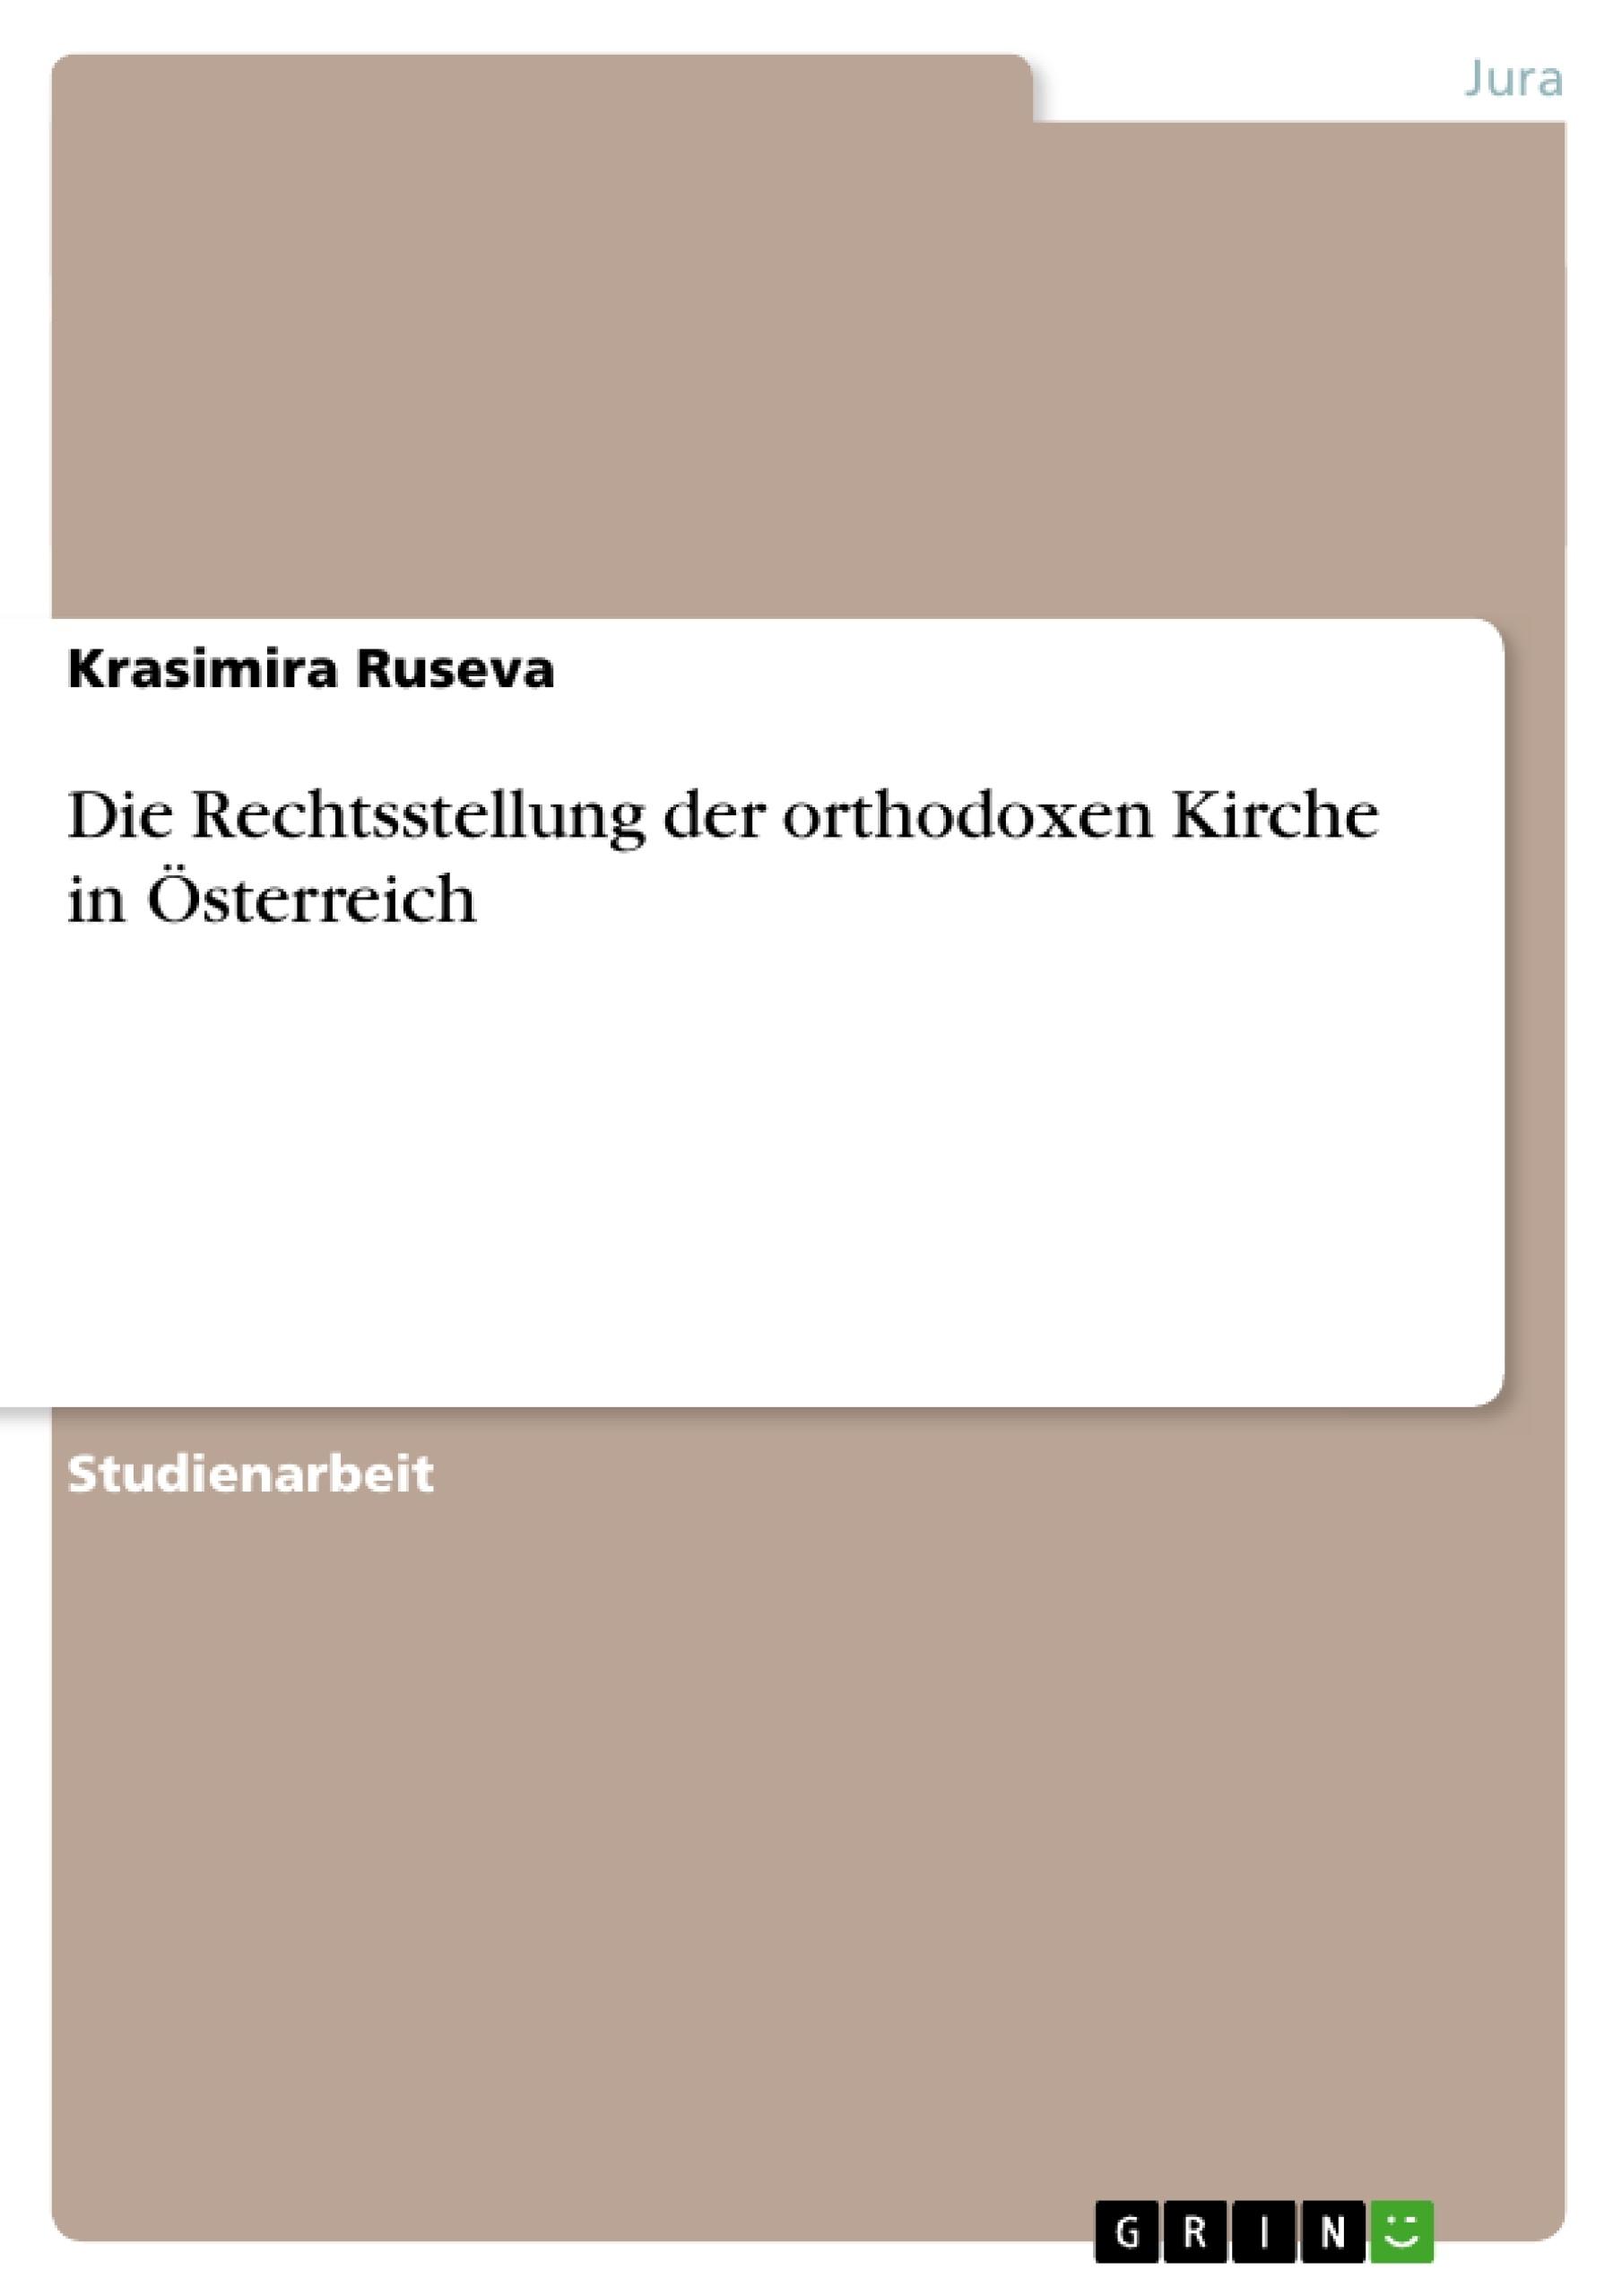 Titel: Die Rechtsstellung der orthodoxen Kirche in Österreich